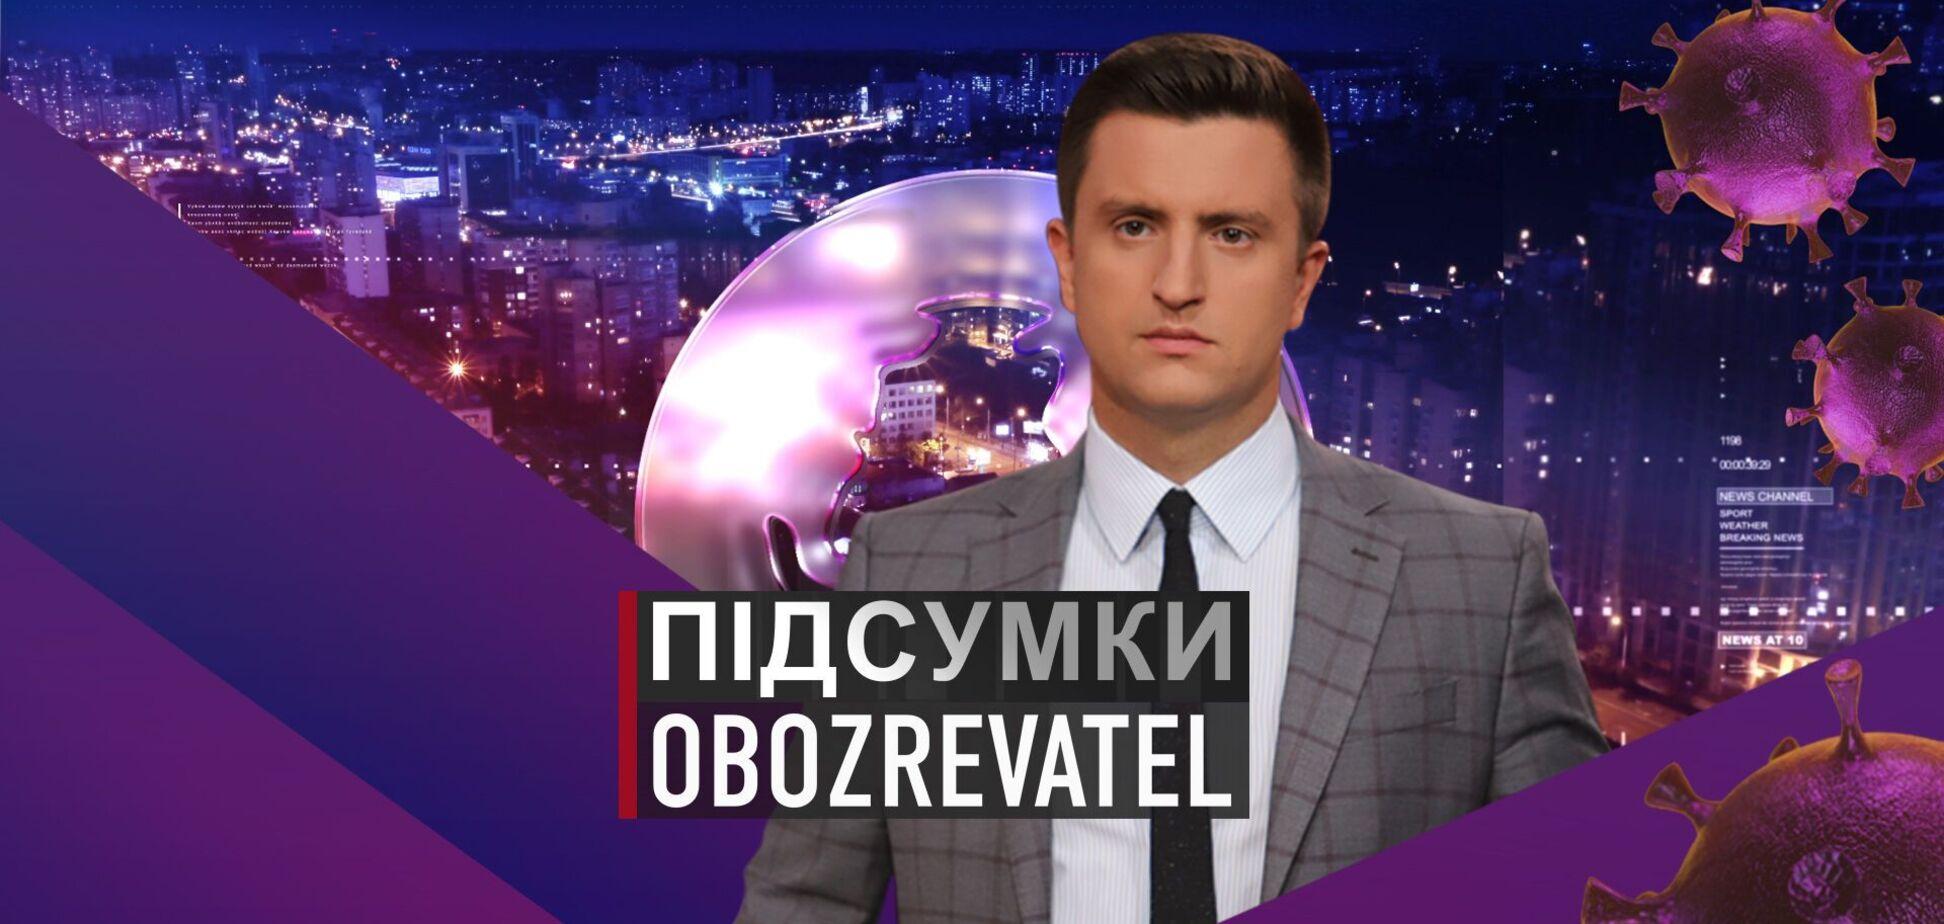 Підсумки з Вадимом Колодійчуком. Понеділок, 2 серпня